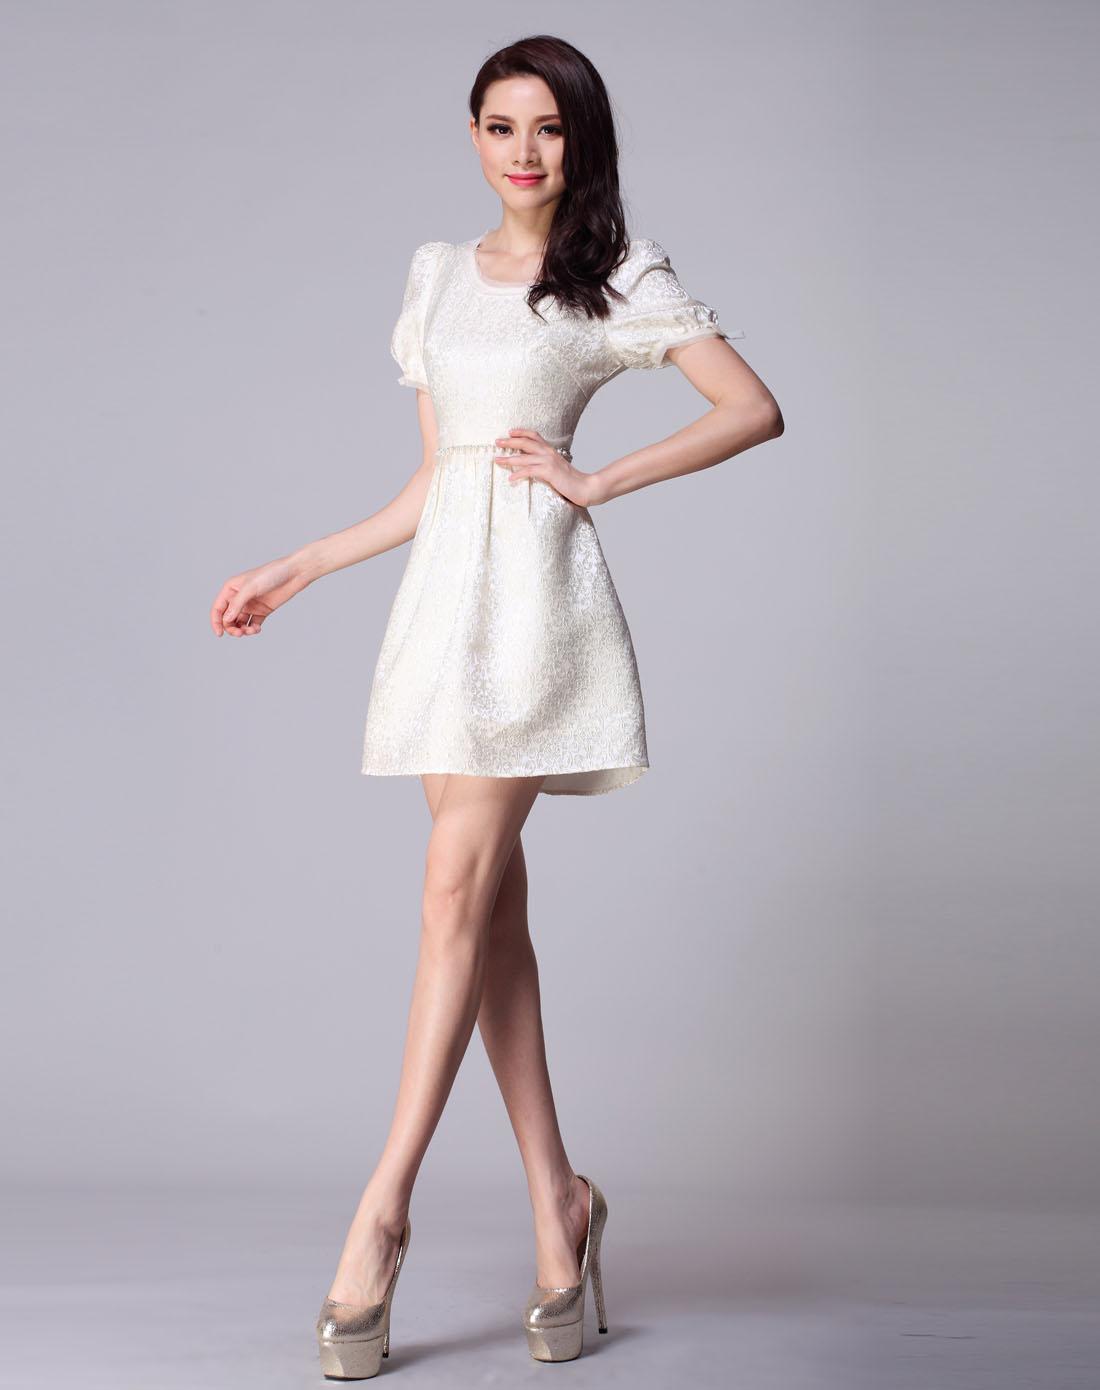 轻熟女装_zimmur女装专场-米色短袖轻熟女优雅连衣裙